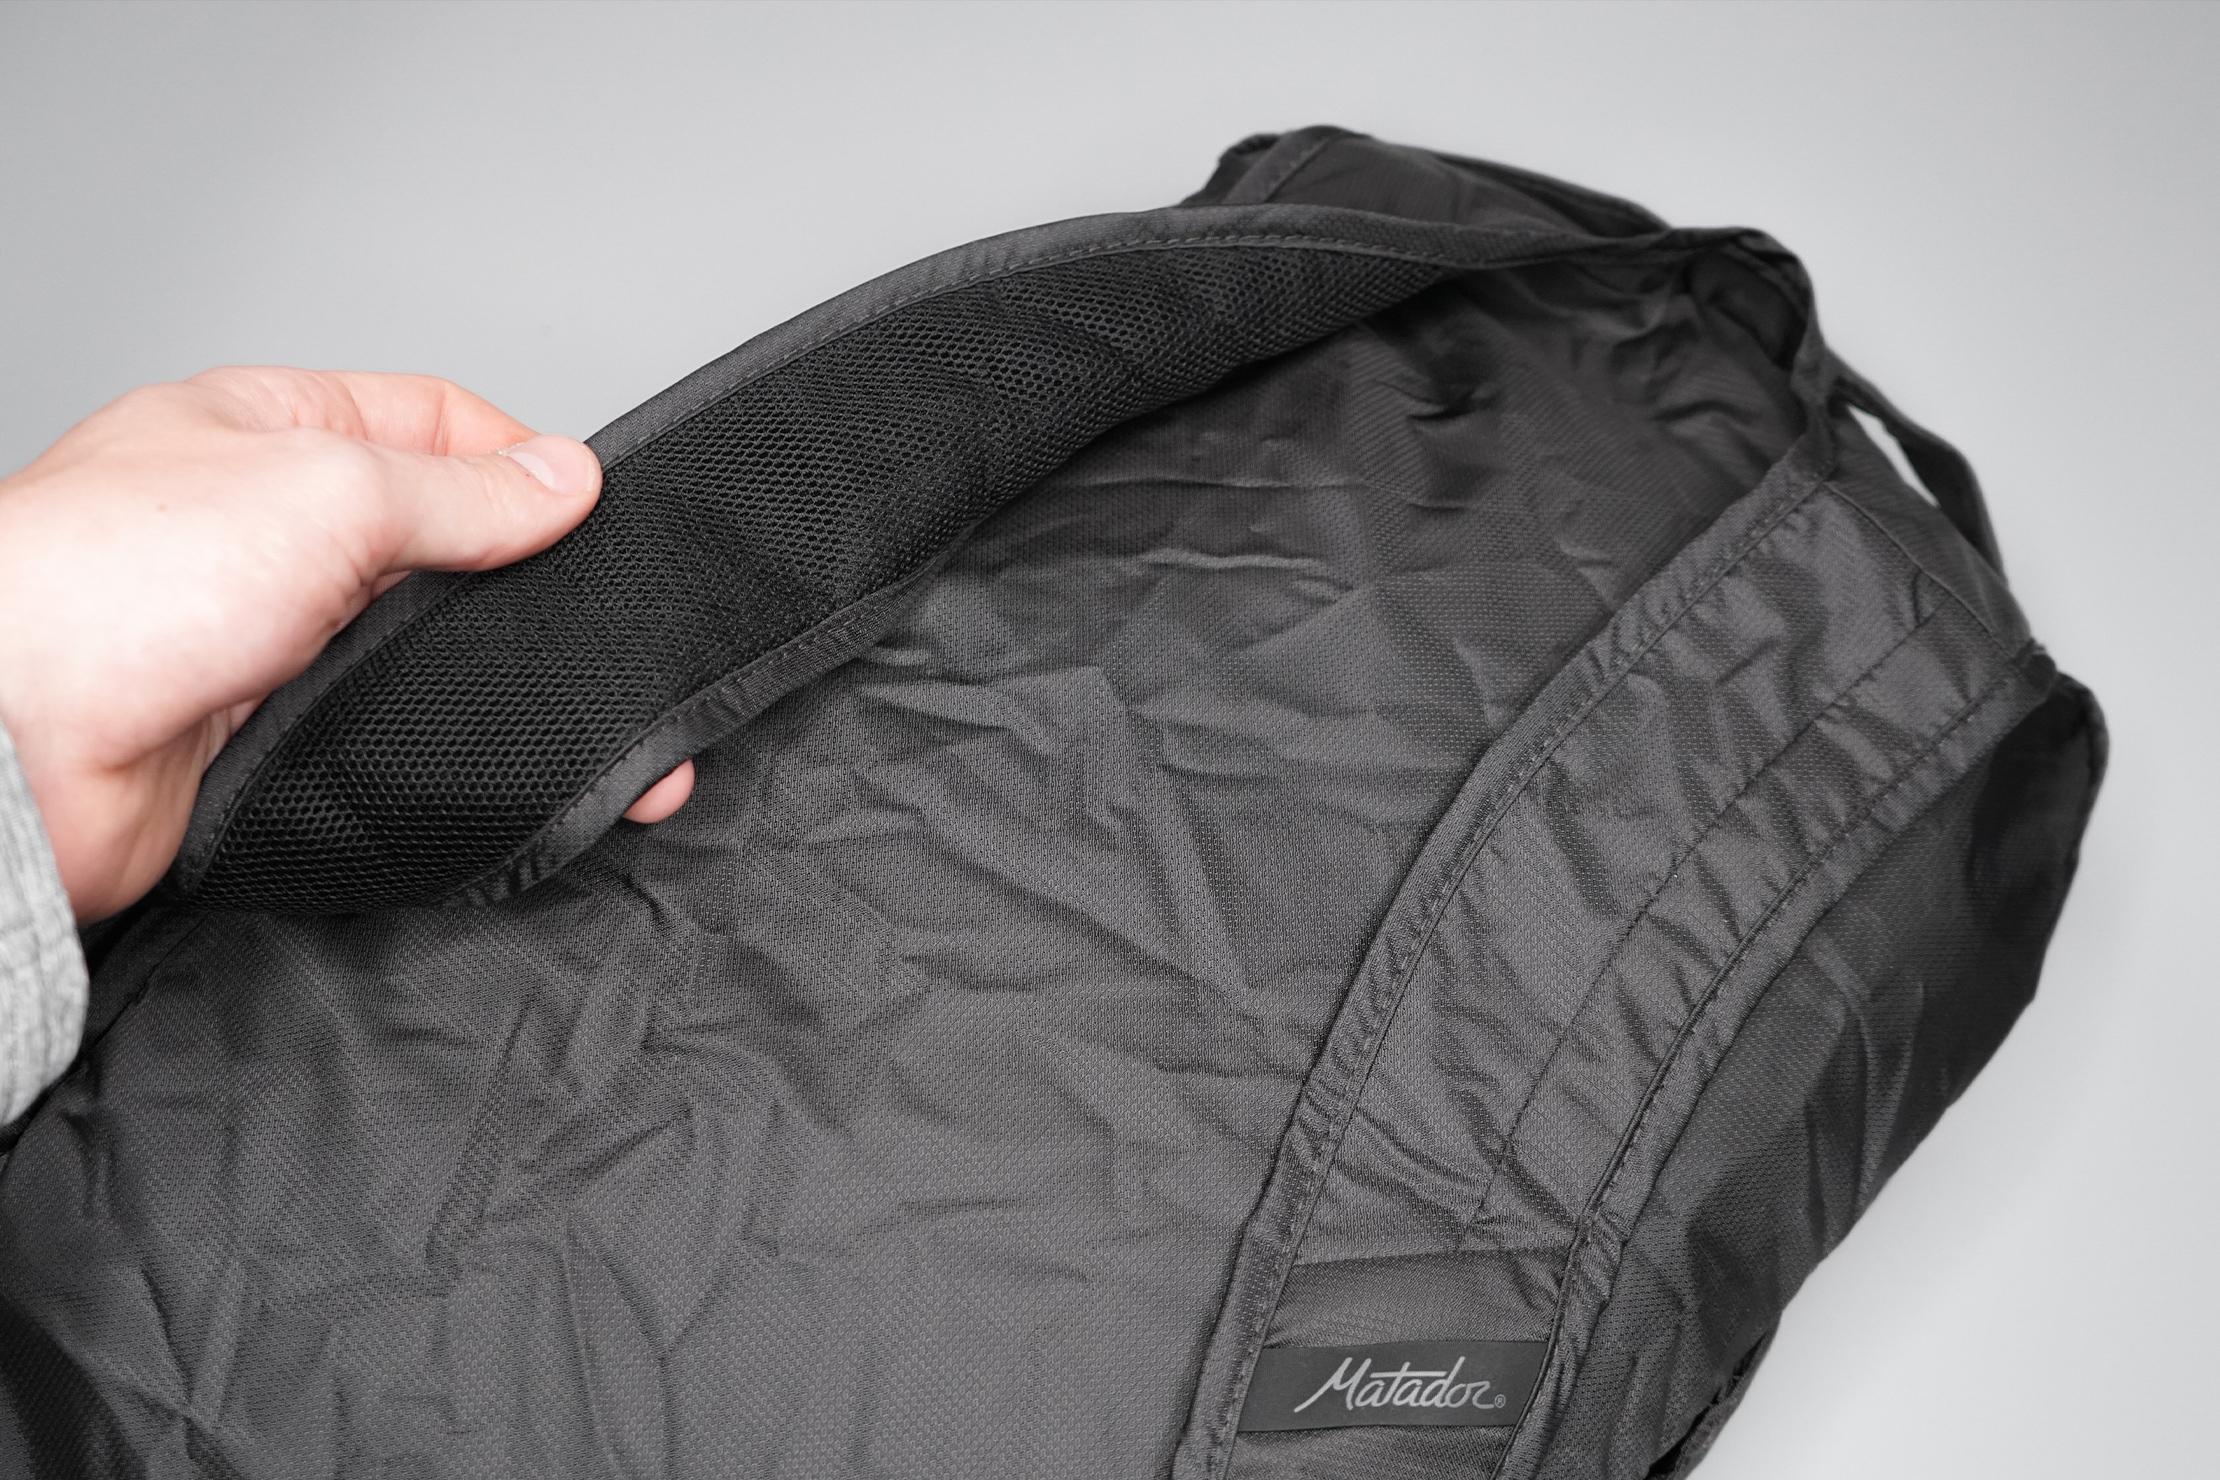 Matador On-Grid Packable Backpack Shoulder Straps and Back Panel